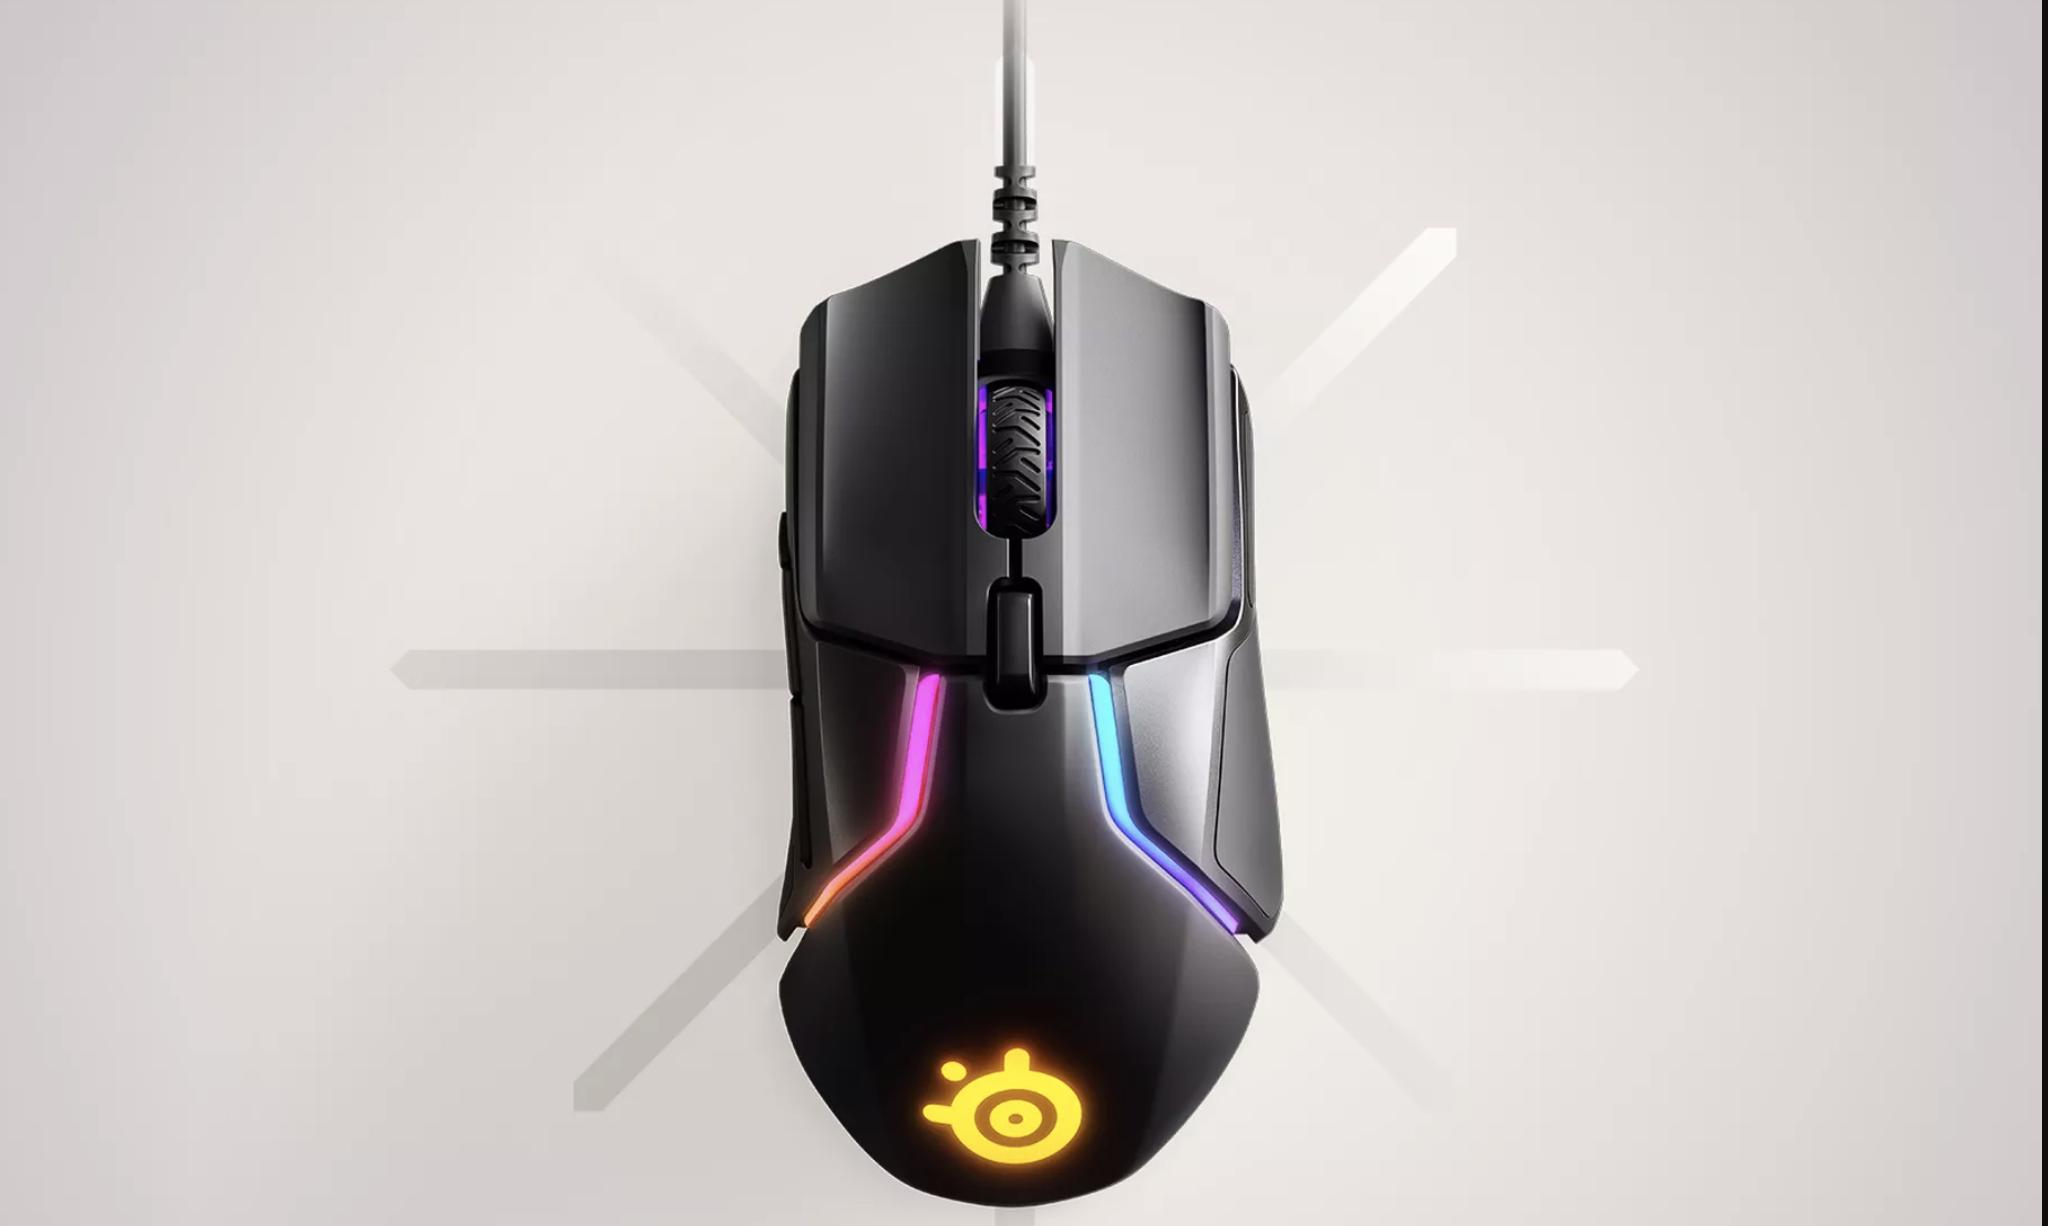 SteelSeries, bekend van de kwalitatief hoogstaande computerhardware, komt met een nieuwe geavanceerde muis. Het gaat om de zogeheten Rival 600, die spelers in staat moet stellen controle te hebben over hun bewegingen, terwijl de muis zich in de lucht bevindt.